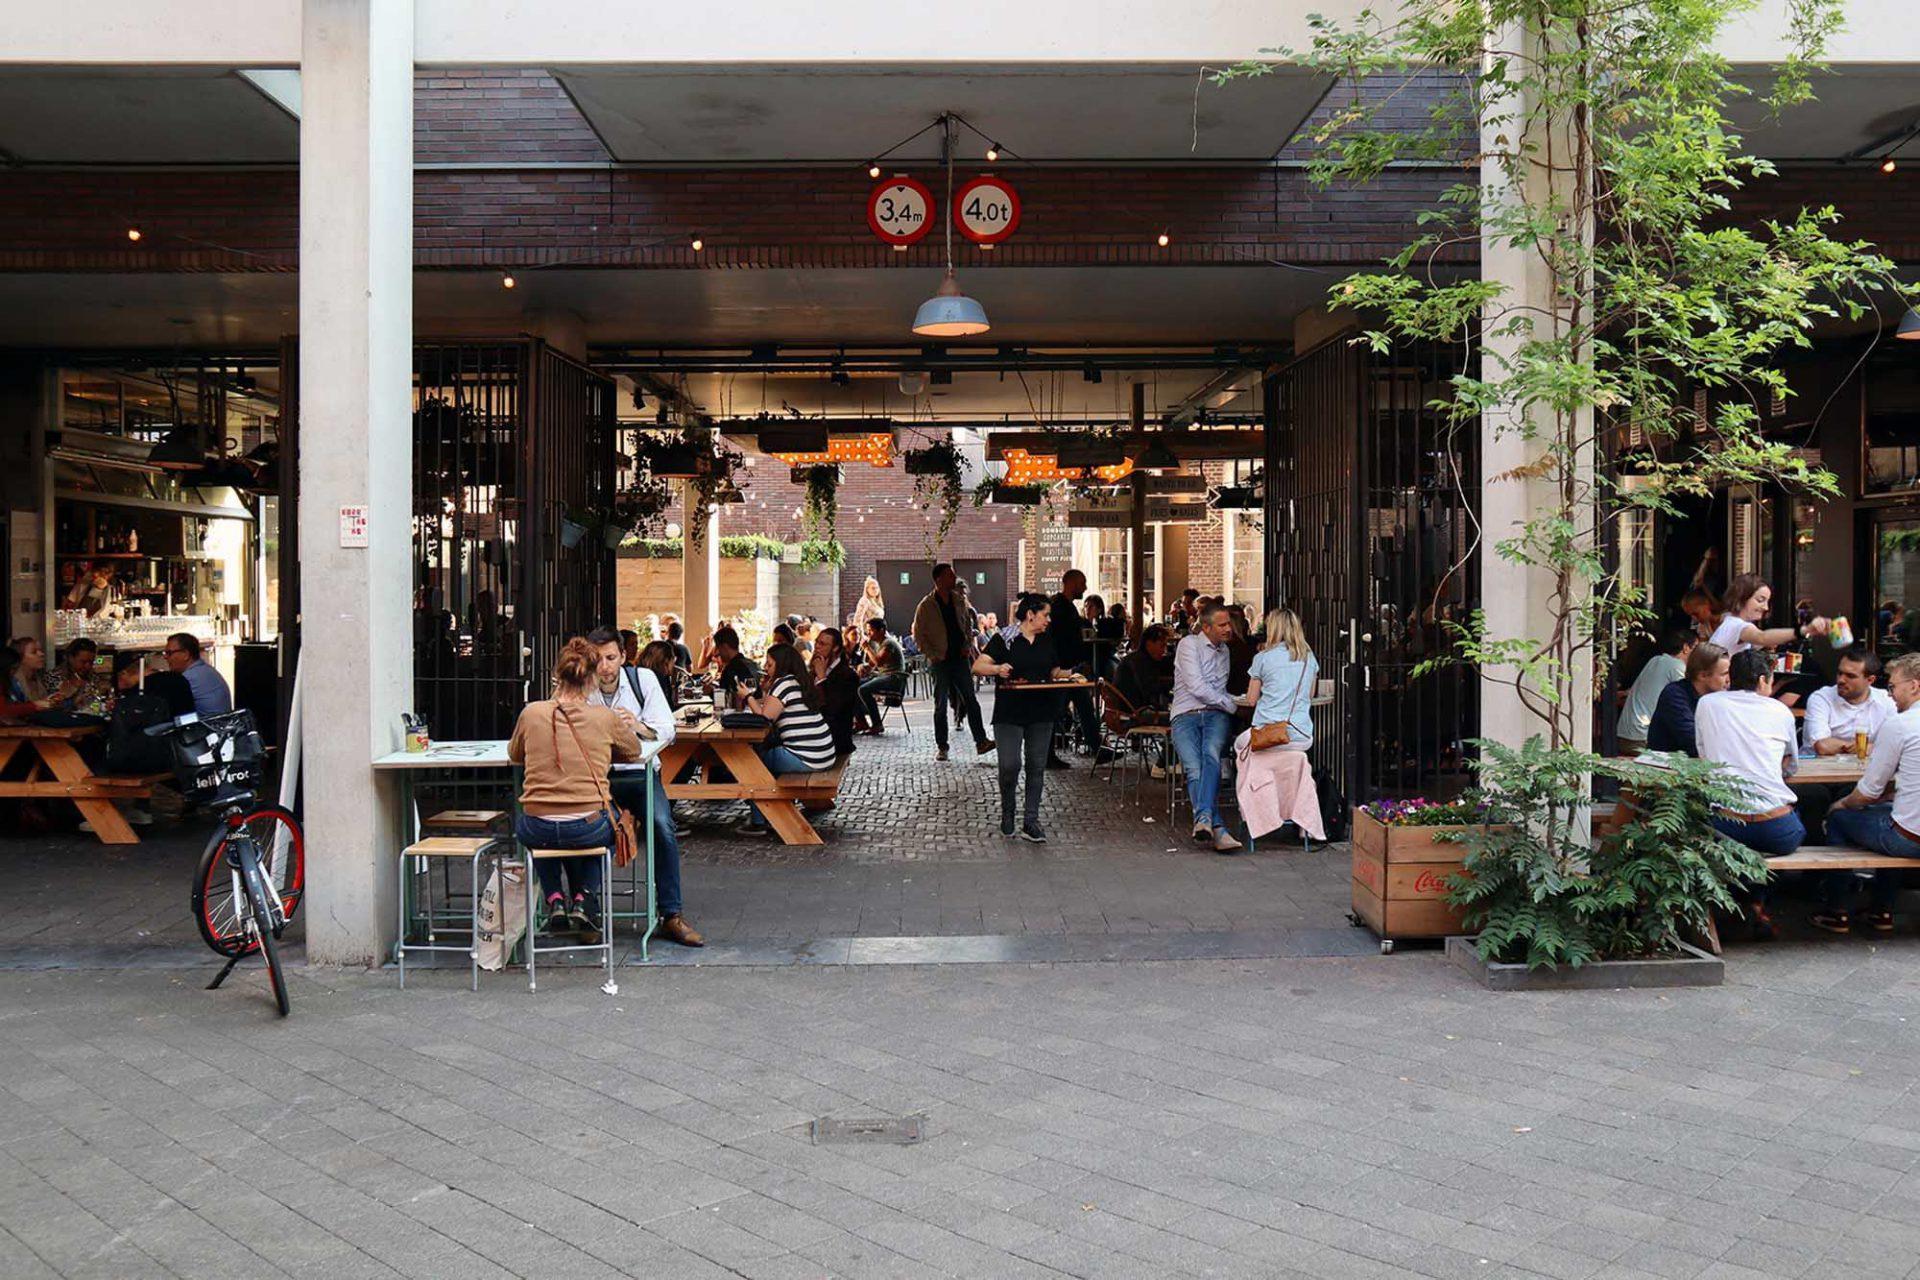 Down Town gourmet market. Die zukunftsorientierte Markthalle kommt mit dem Flair eines Street-Food-Festivals ...